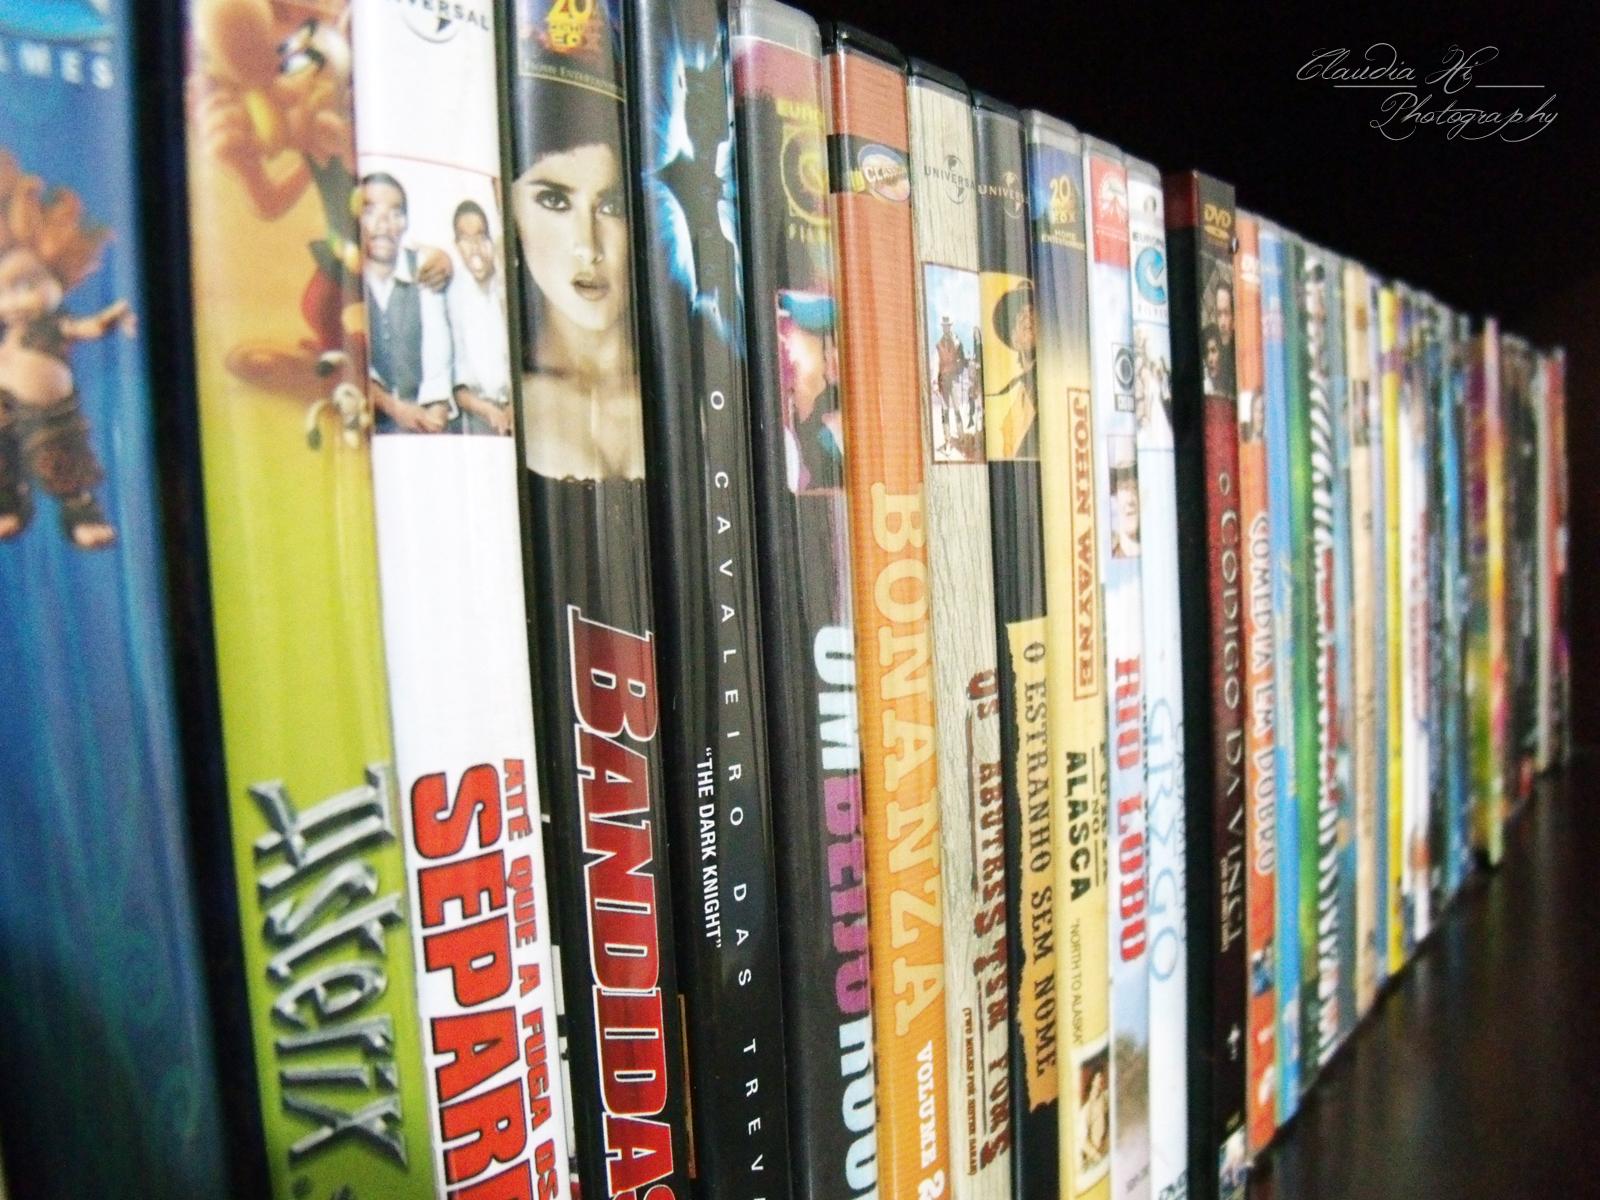 Coleção de dvd's, prateleira de dvd